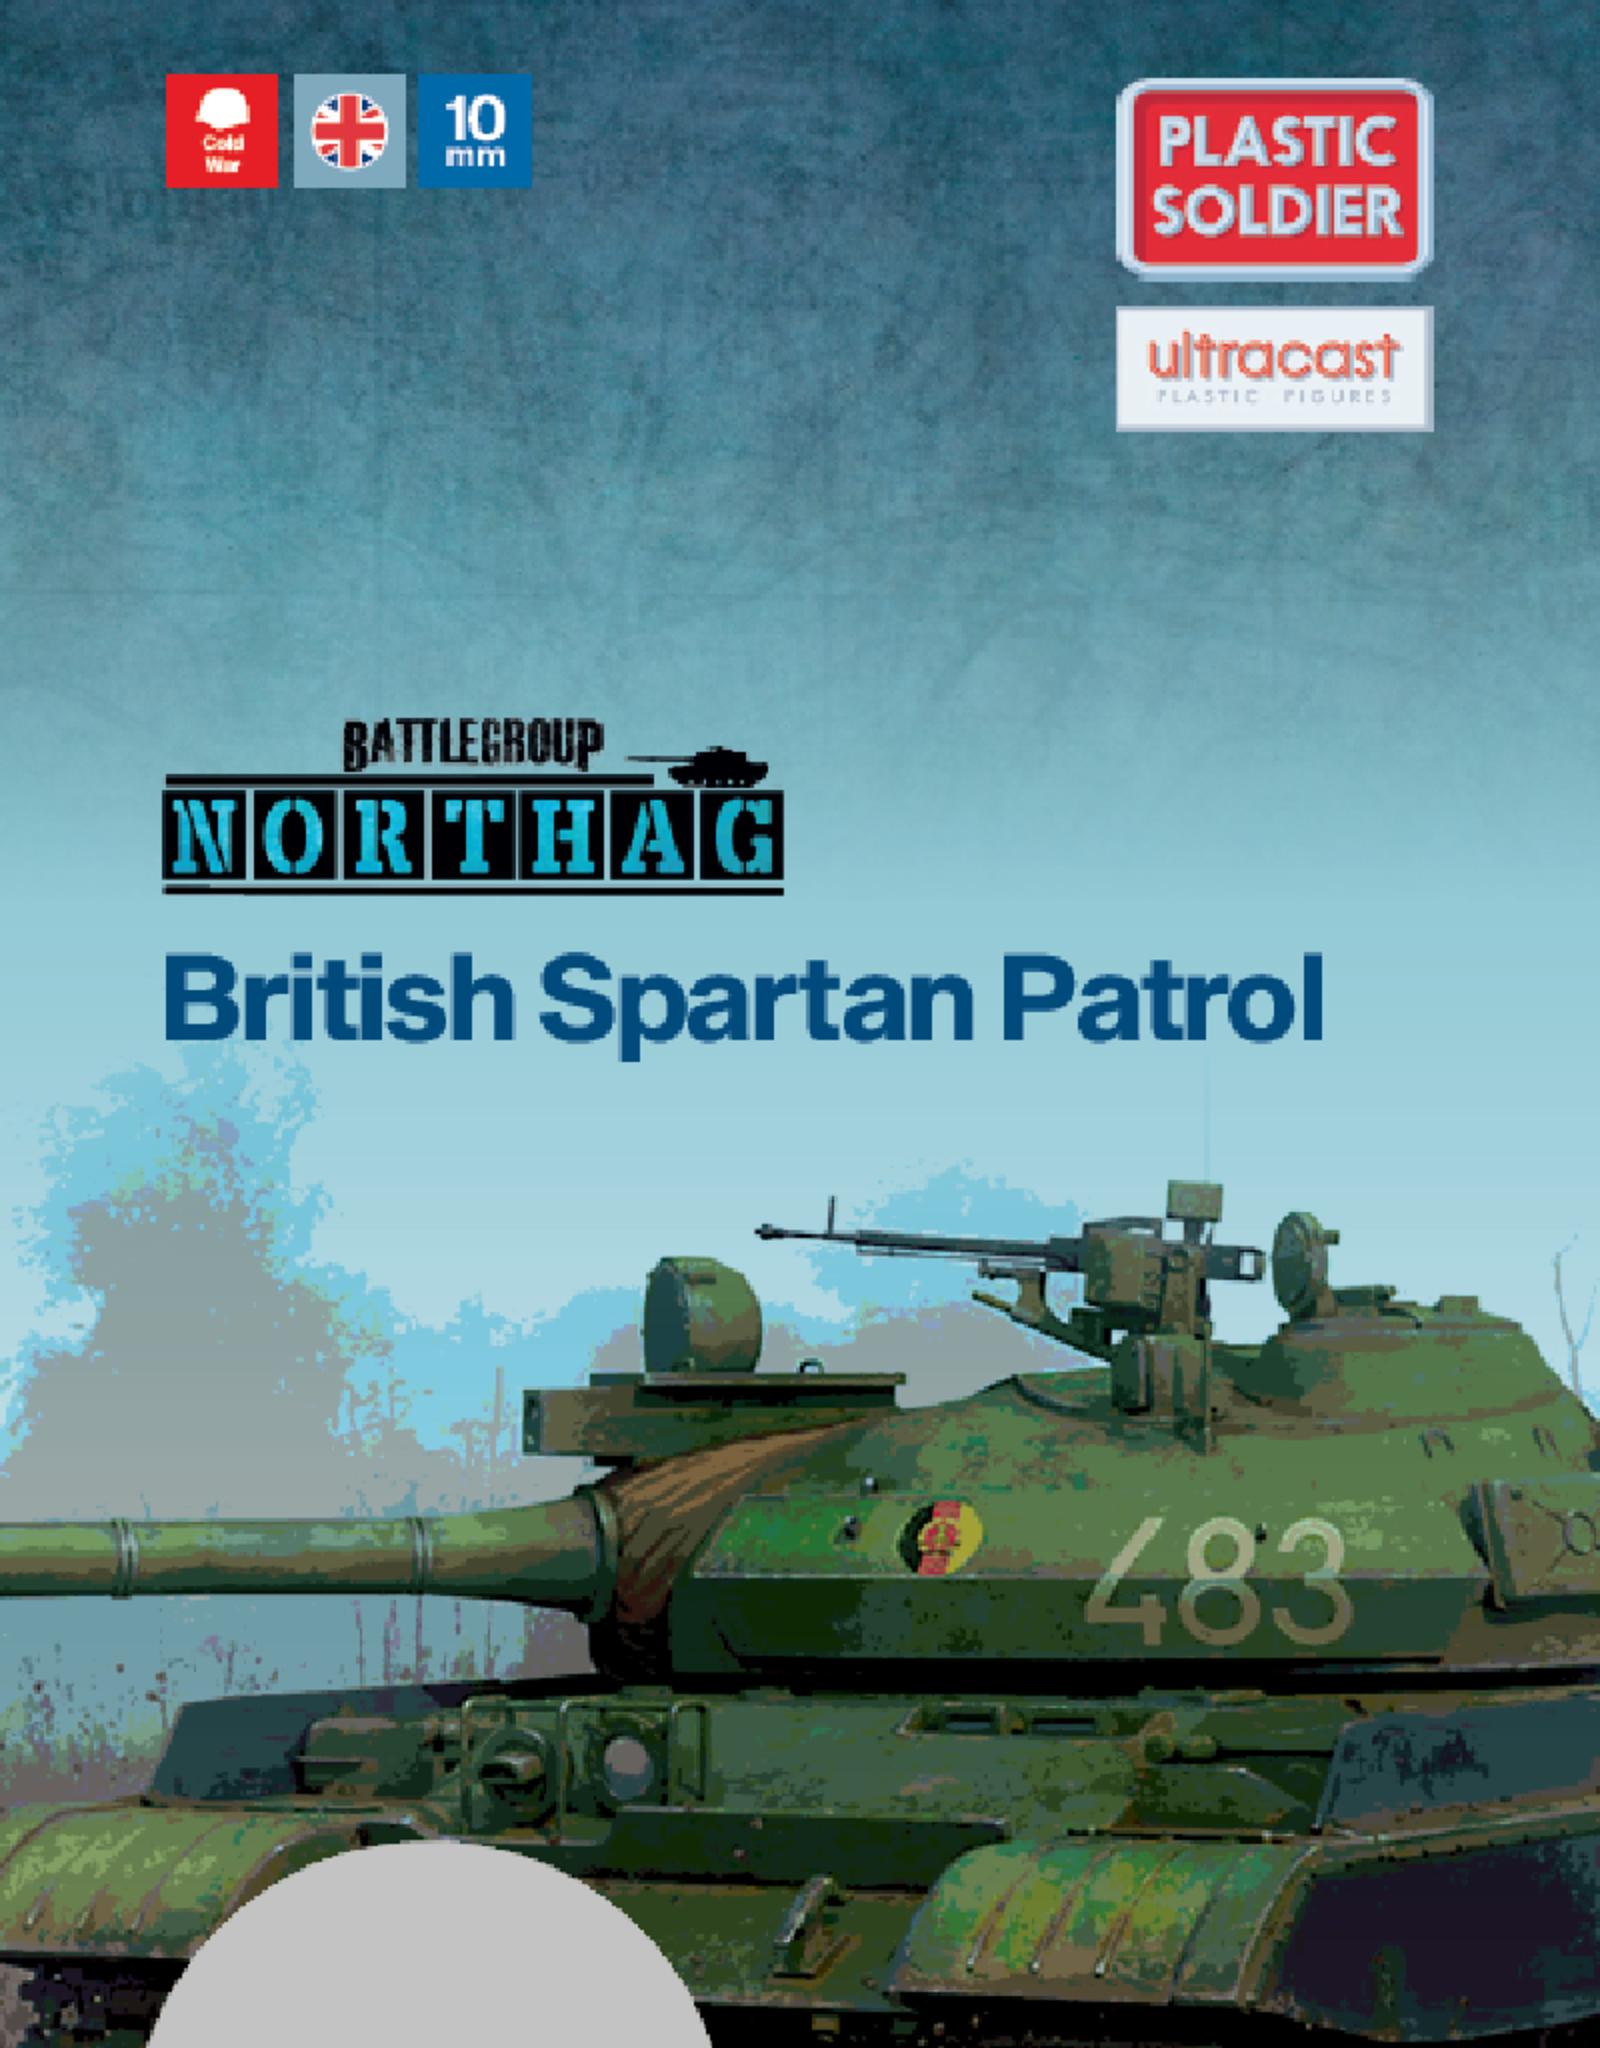 Plastic Soldier Company British Spartan Patrol